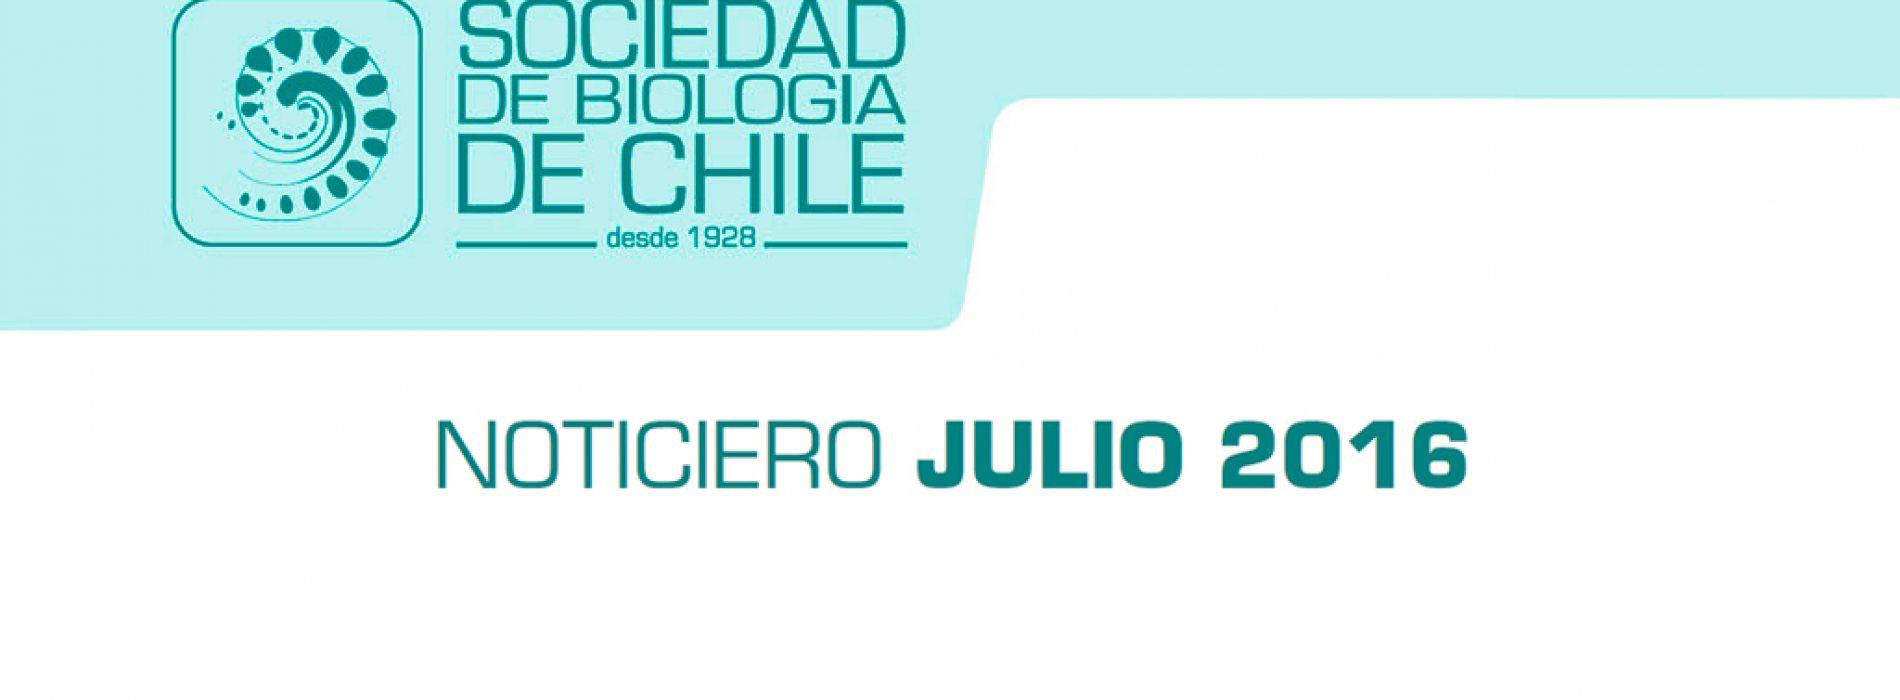 Noticiero Julio 2016. Sociedad de Biología de Chile